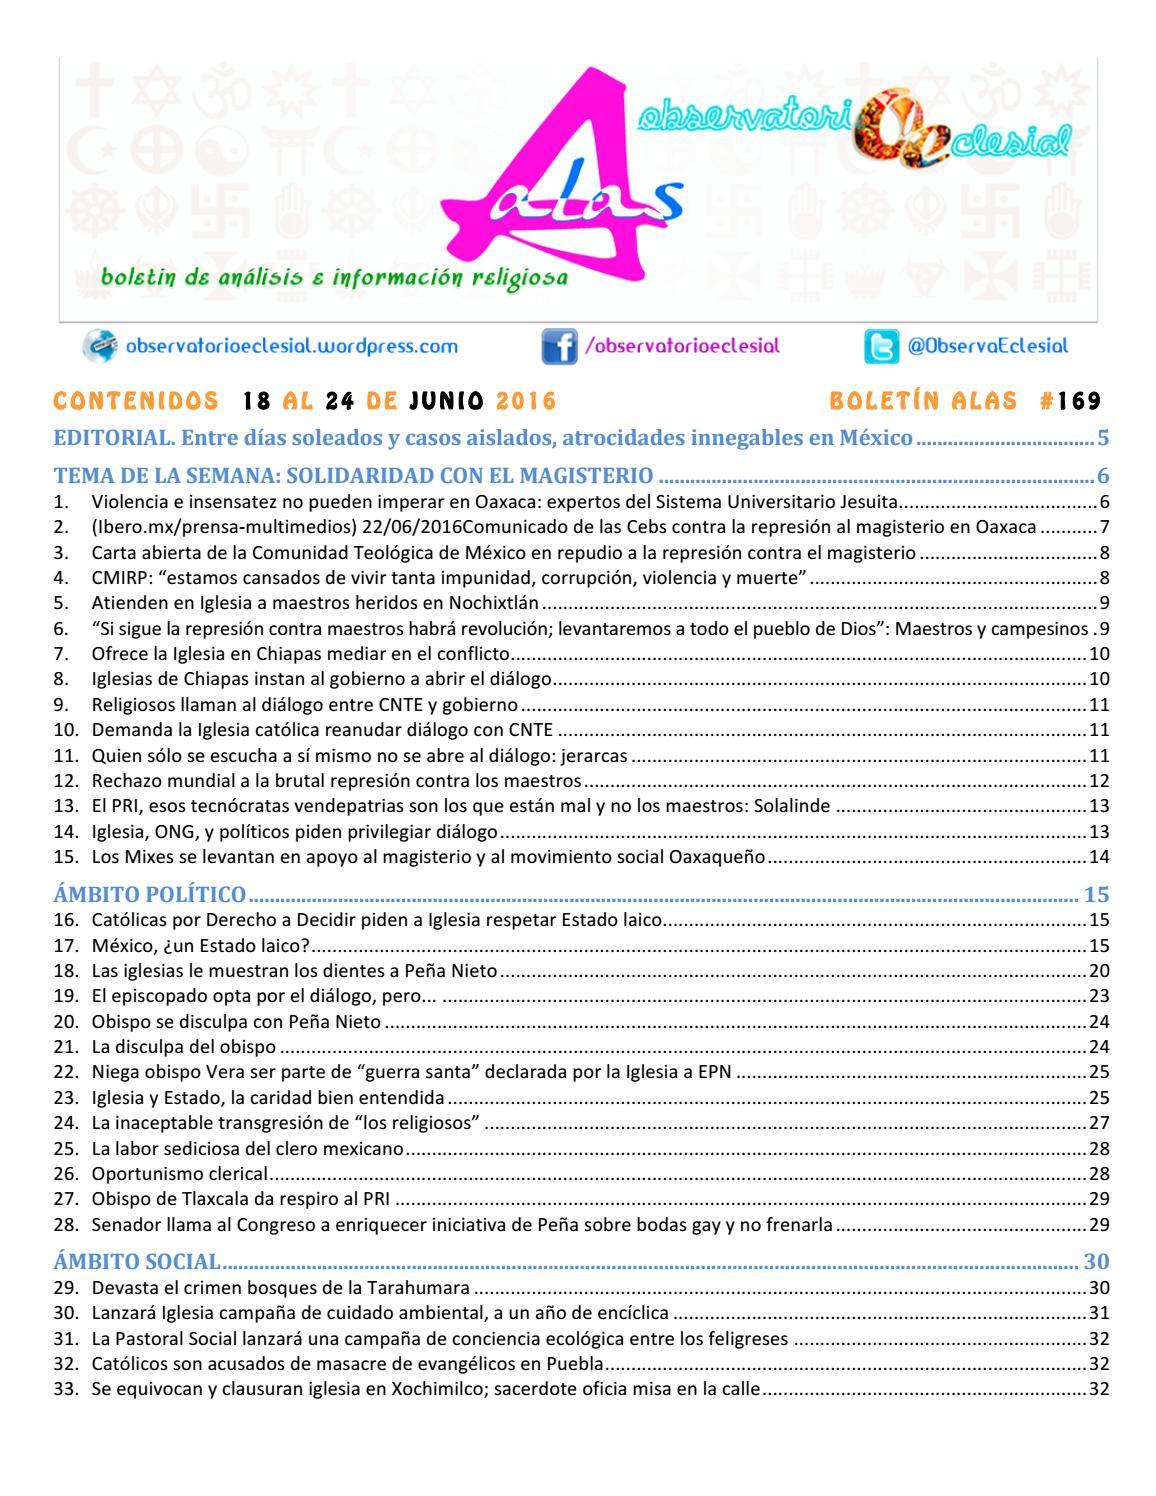 BOLETIN ALAS-OE 169 by Boletín Alas-OE - issuu